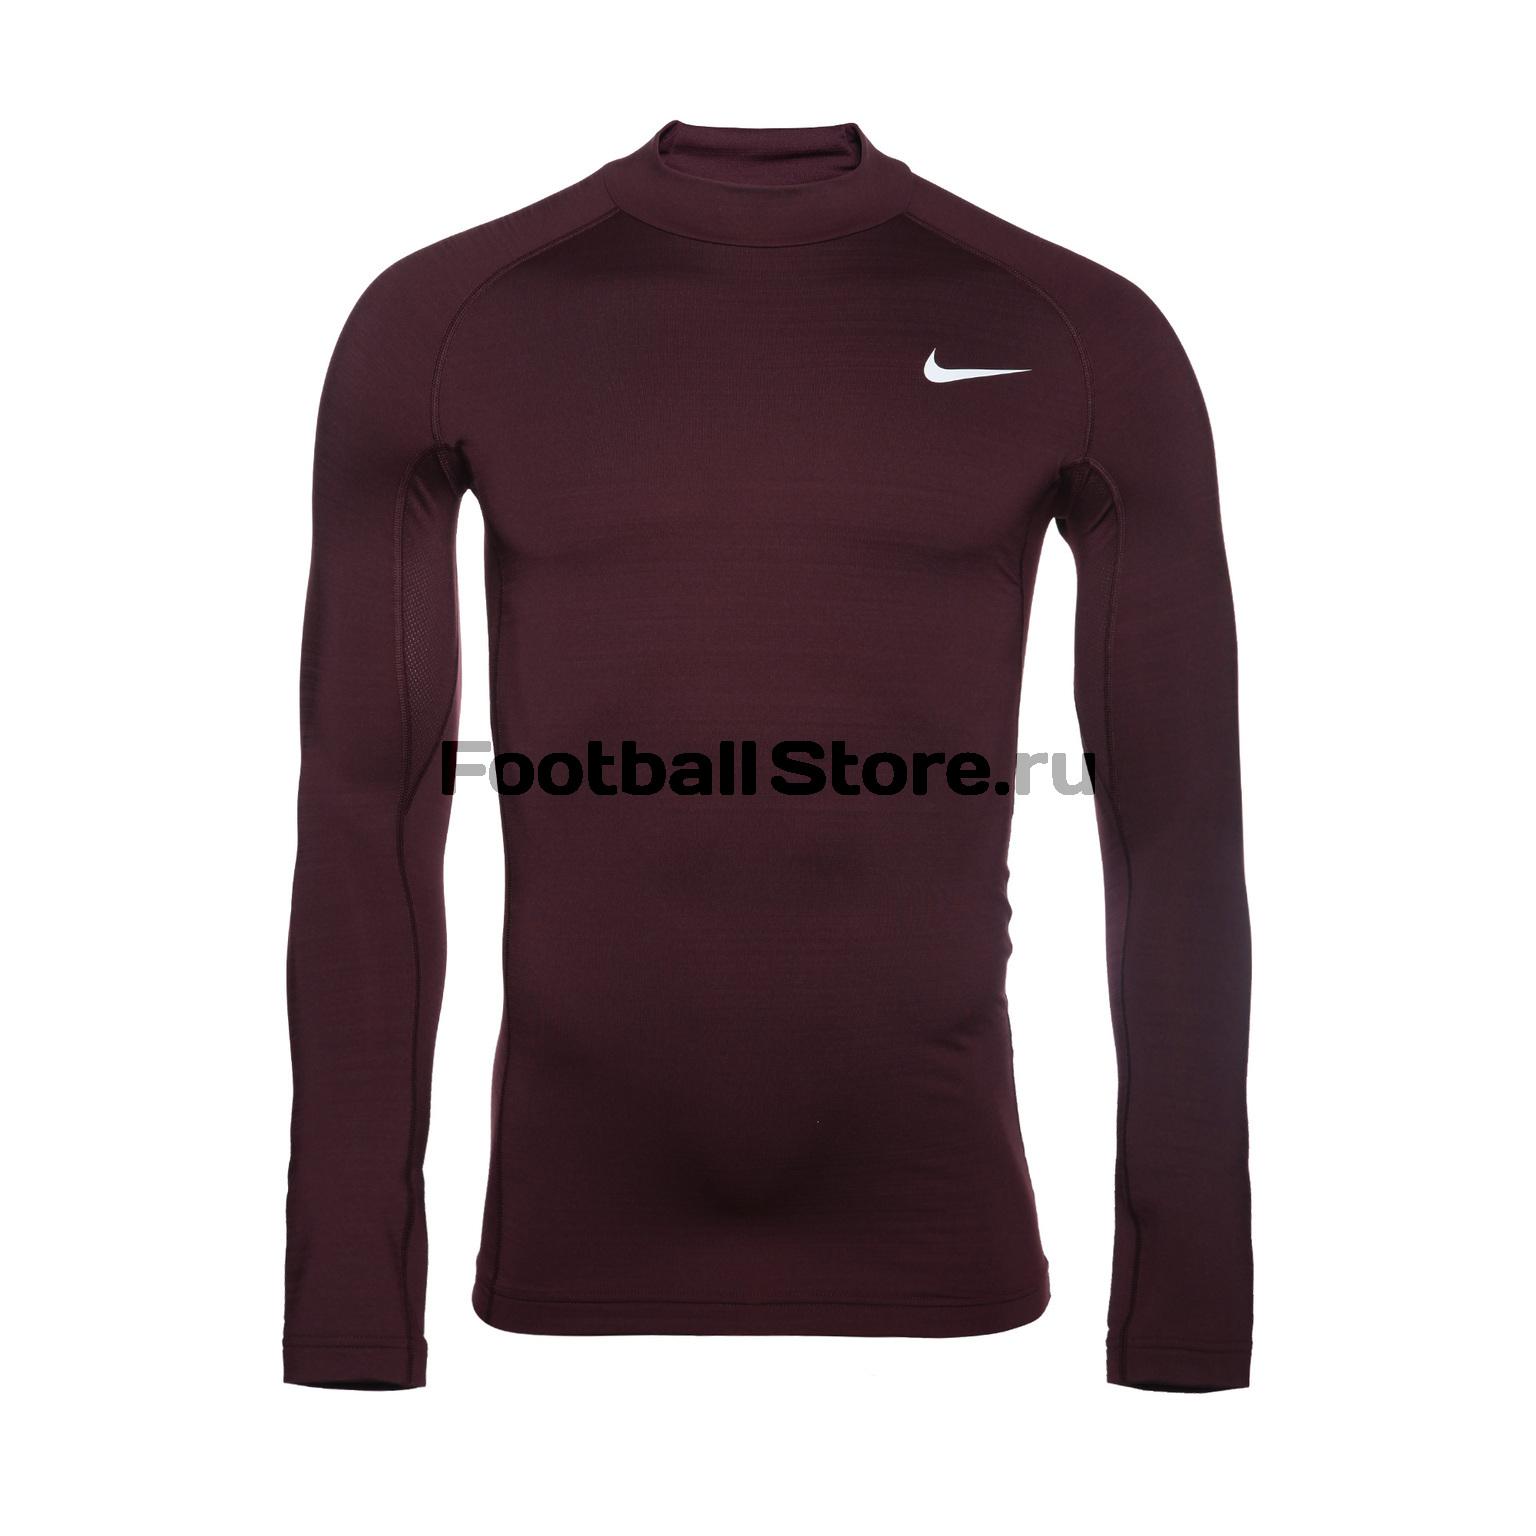 Белье футболка Nike Pro Hyperwarm Compression 689245-634 женская одежда для спорта